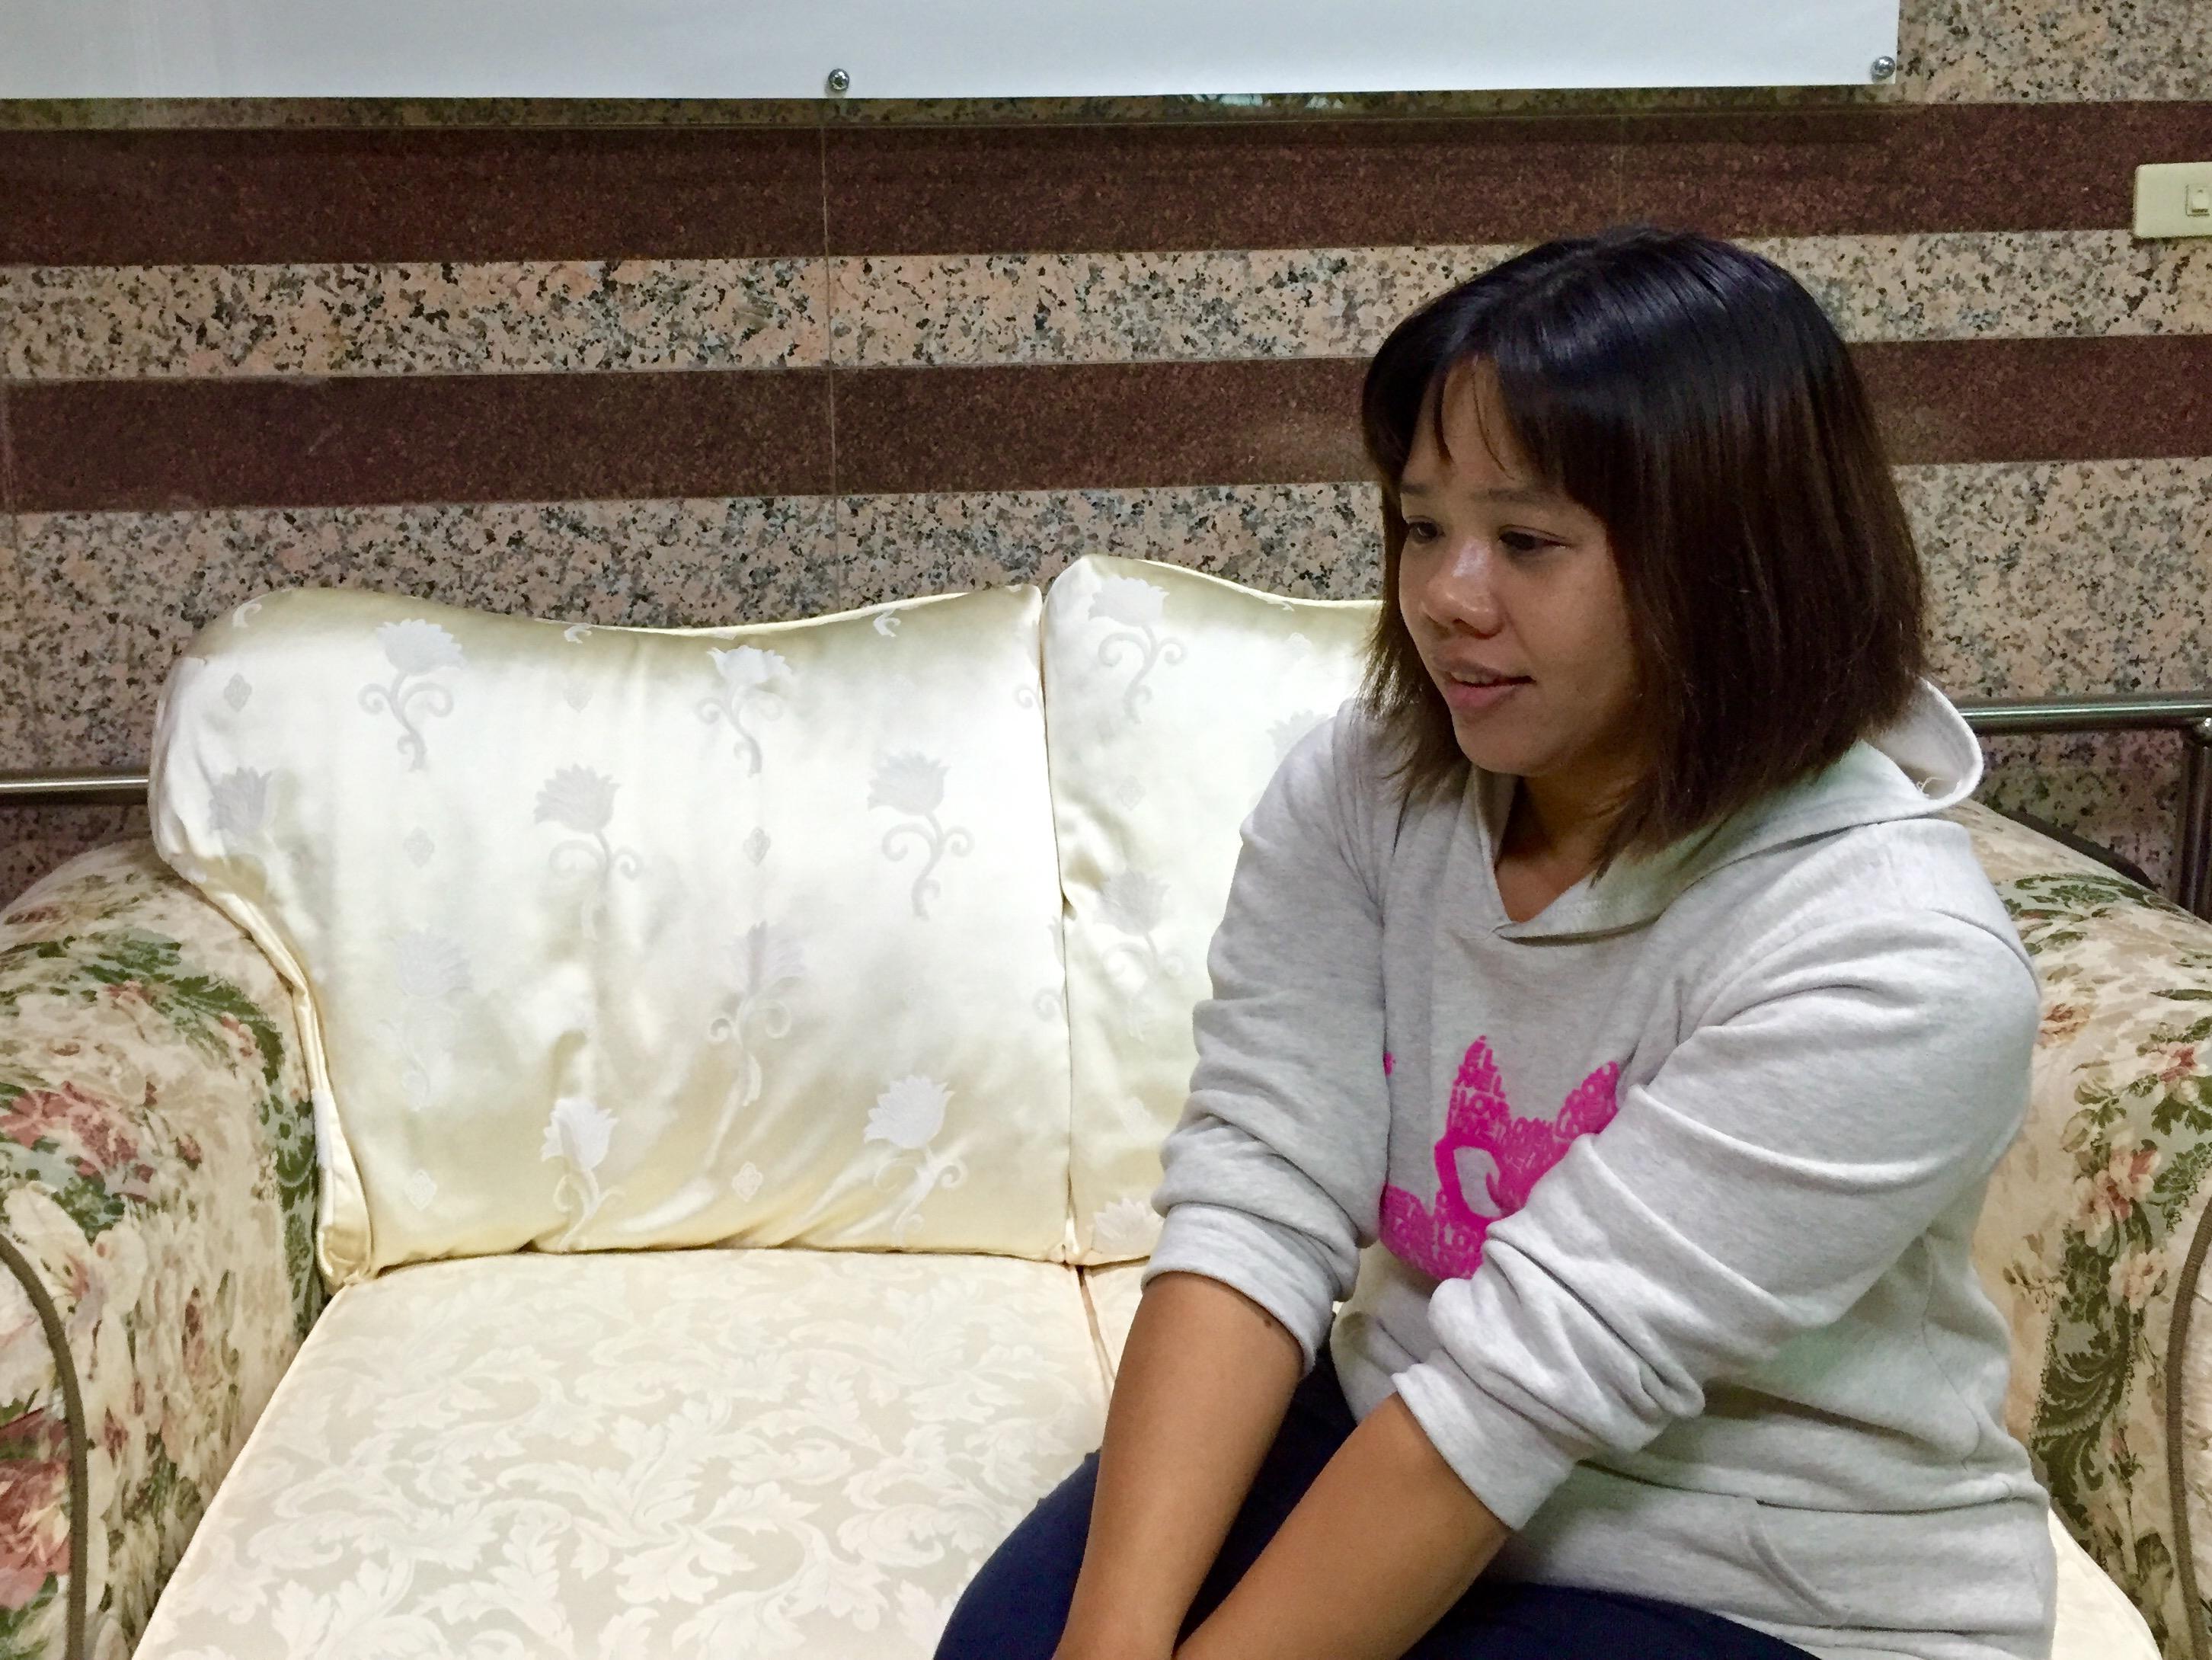 陽小姐表示,照顧失智長者不是容易事。攝影/布子如